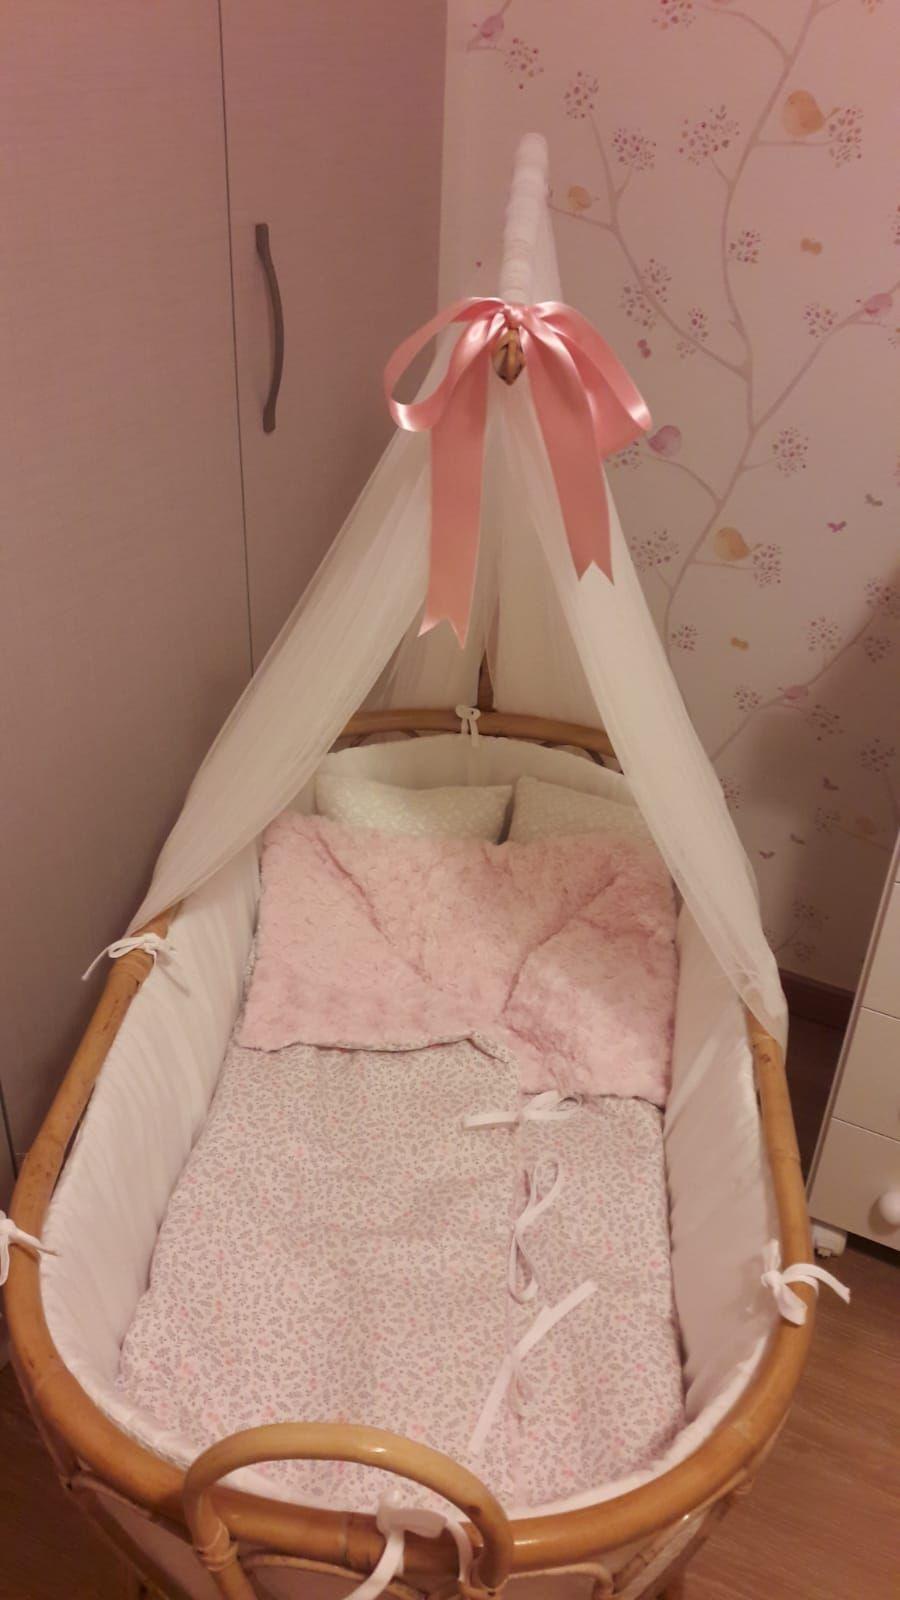 093d99224 Moises de caña para bebe con tela flores vintage y rosa. Totalmente  artesanal y completamente